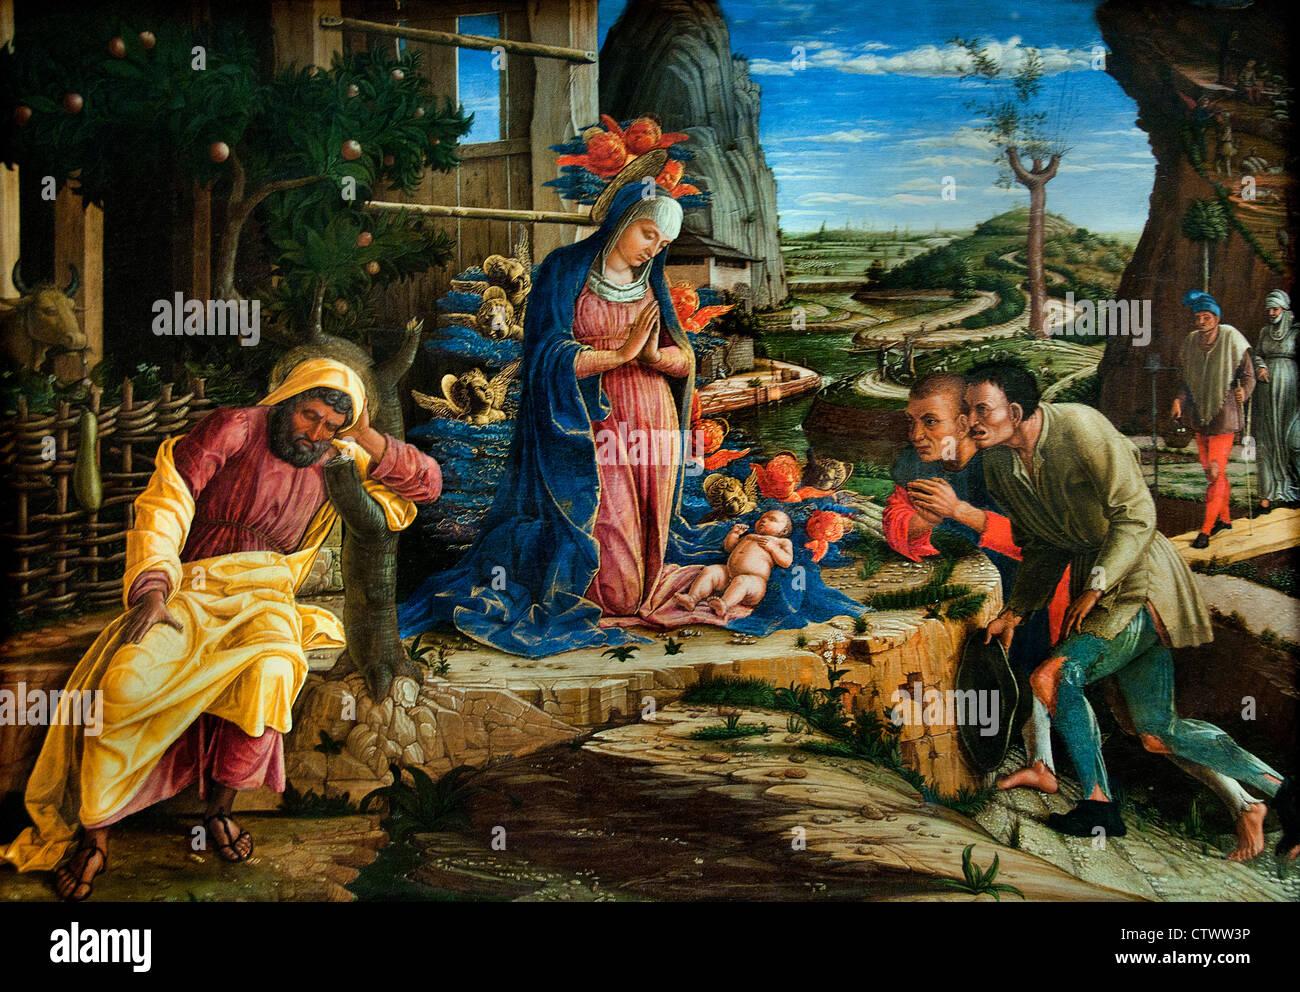 The Adoration of the Shepherds 1450 Andrea Mantegna  Italy Italian - Stock Image